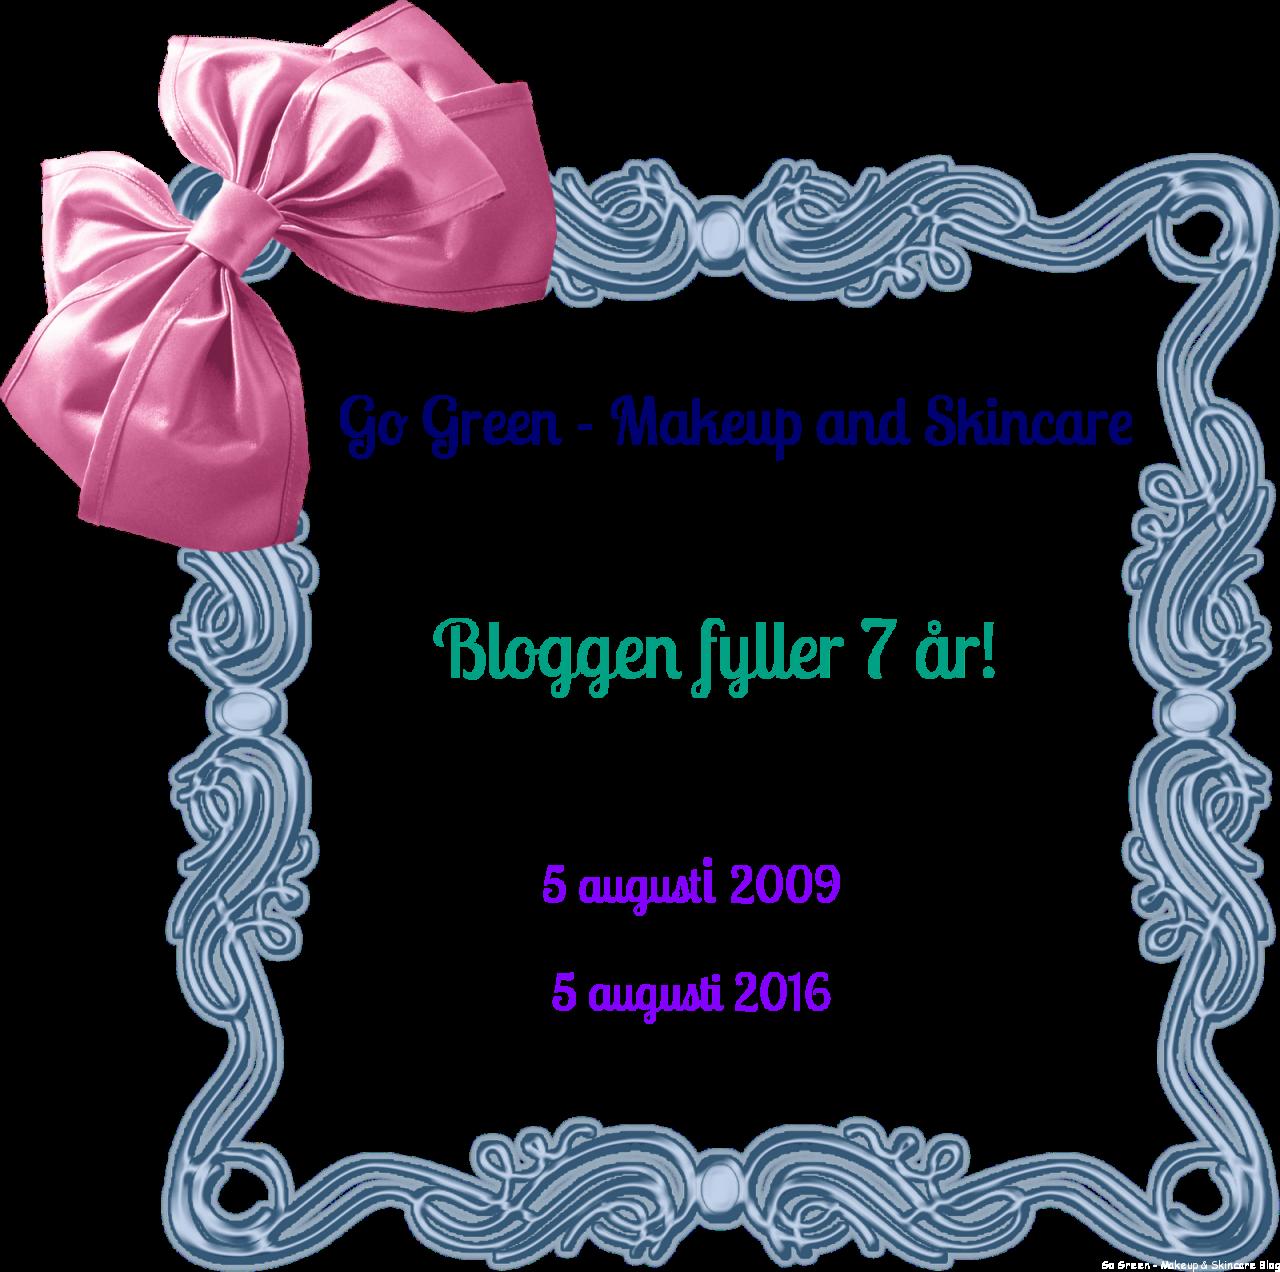 bloggen fyller 7 år